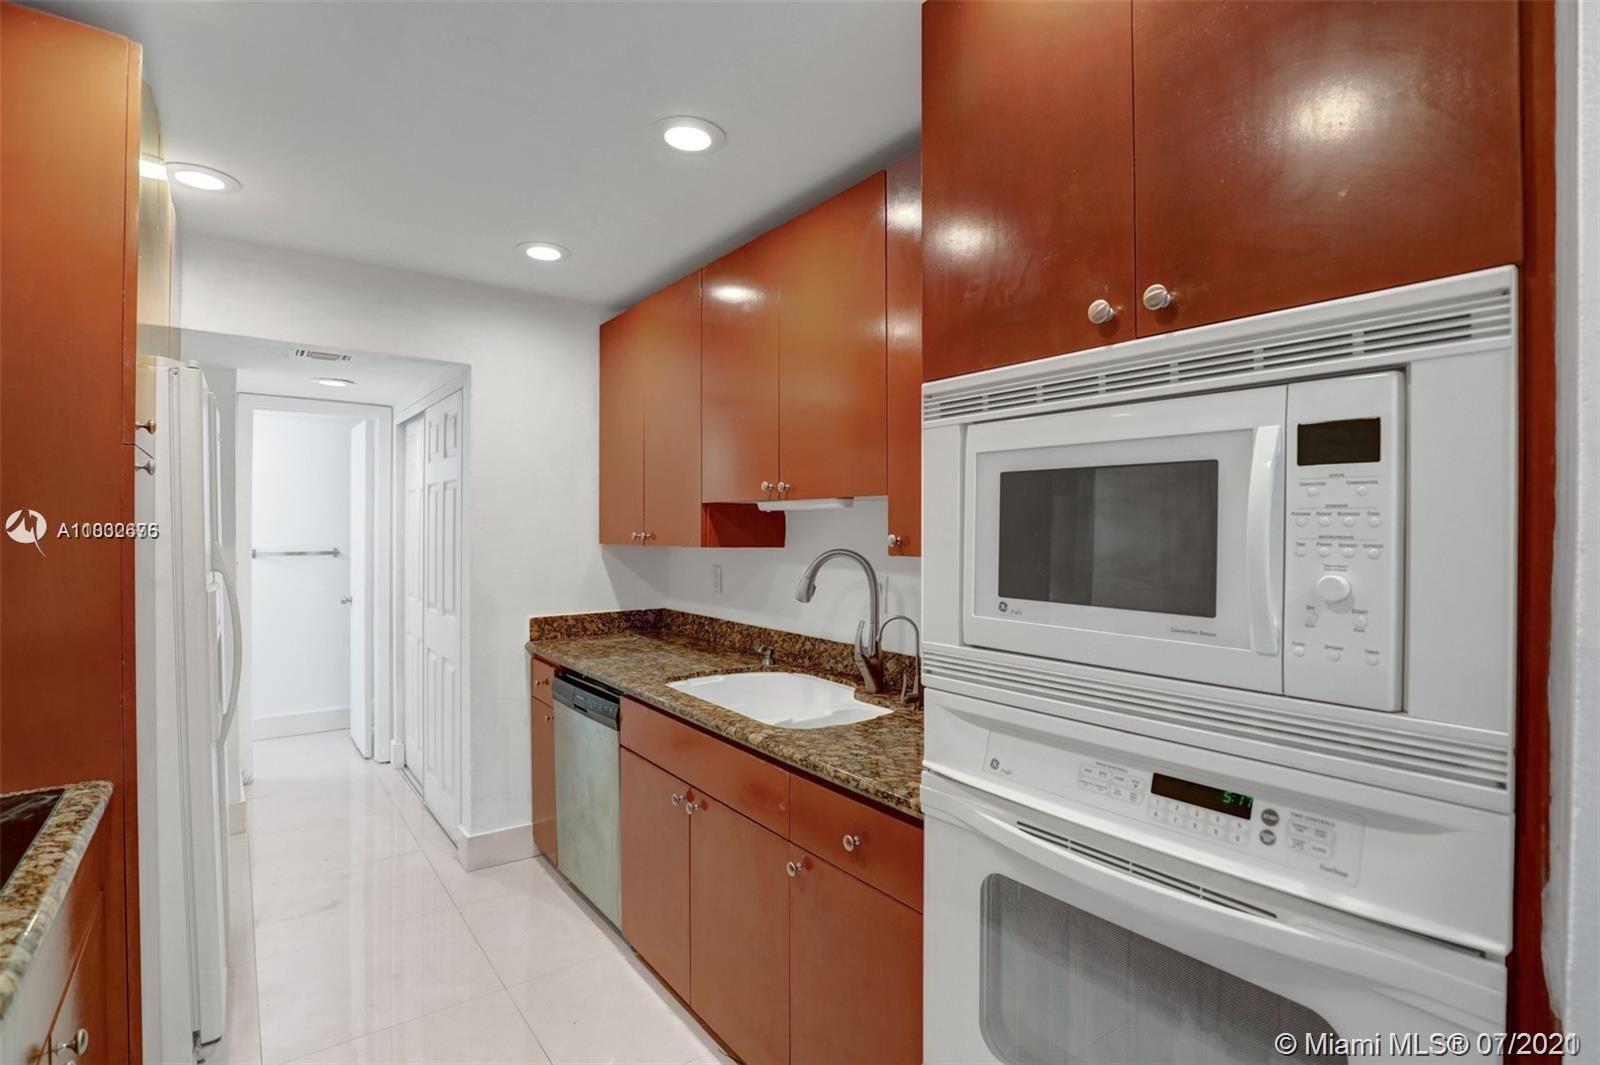 19416 NE 26th Ave #114B, Miami, FL 33180 - #: A11032676